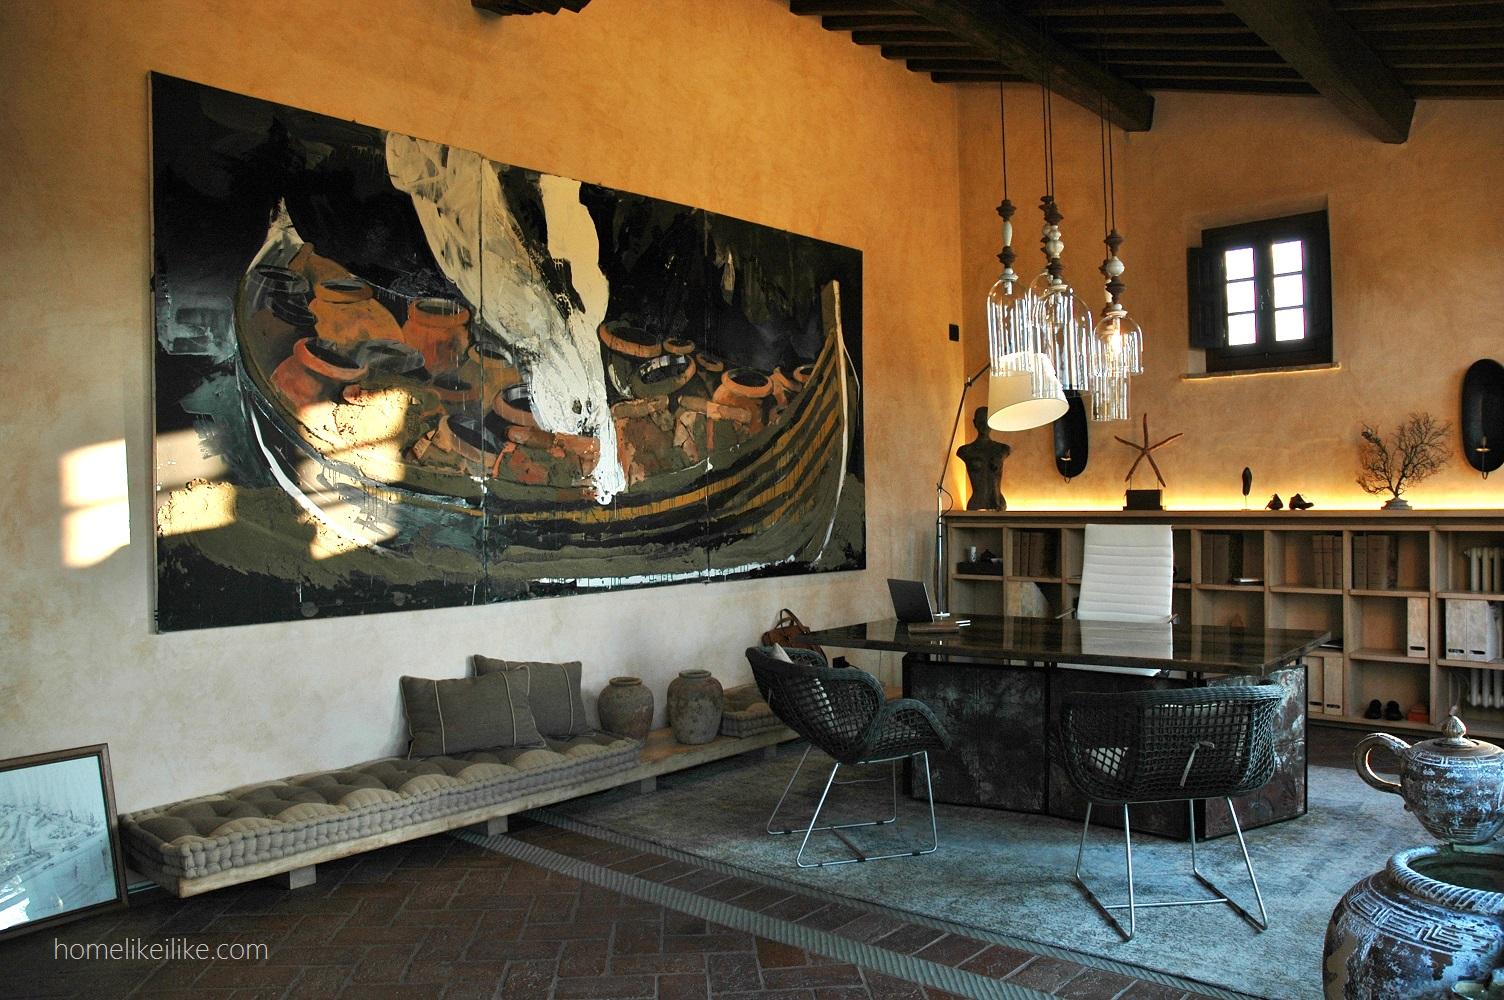 tuscany interiors - homelikeilike.com